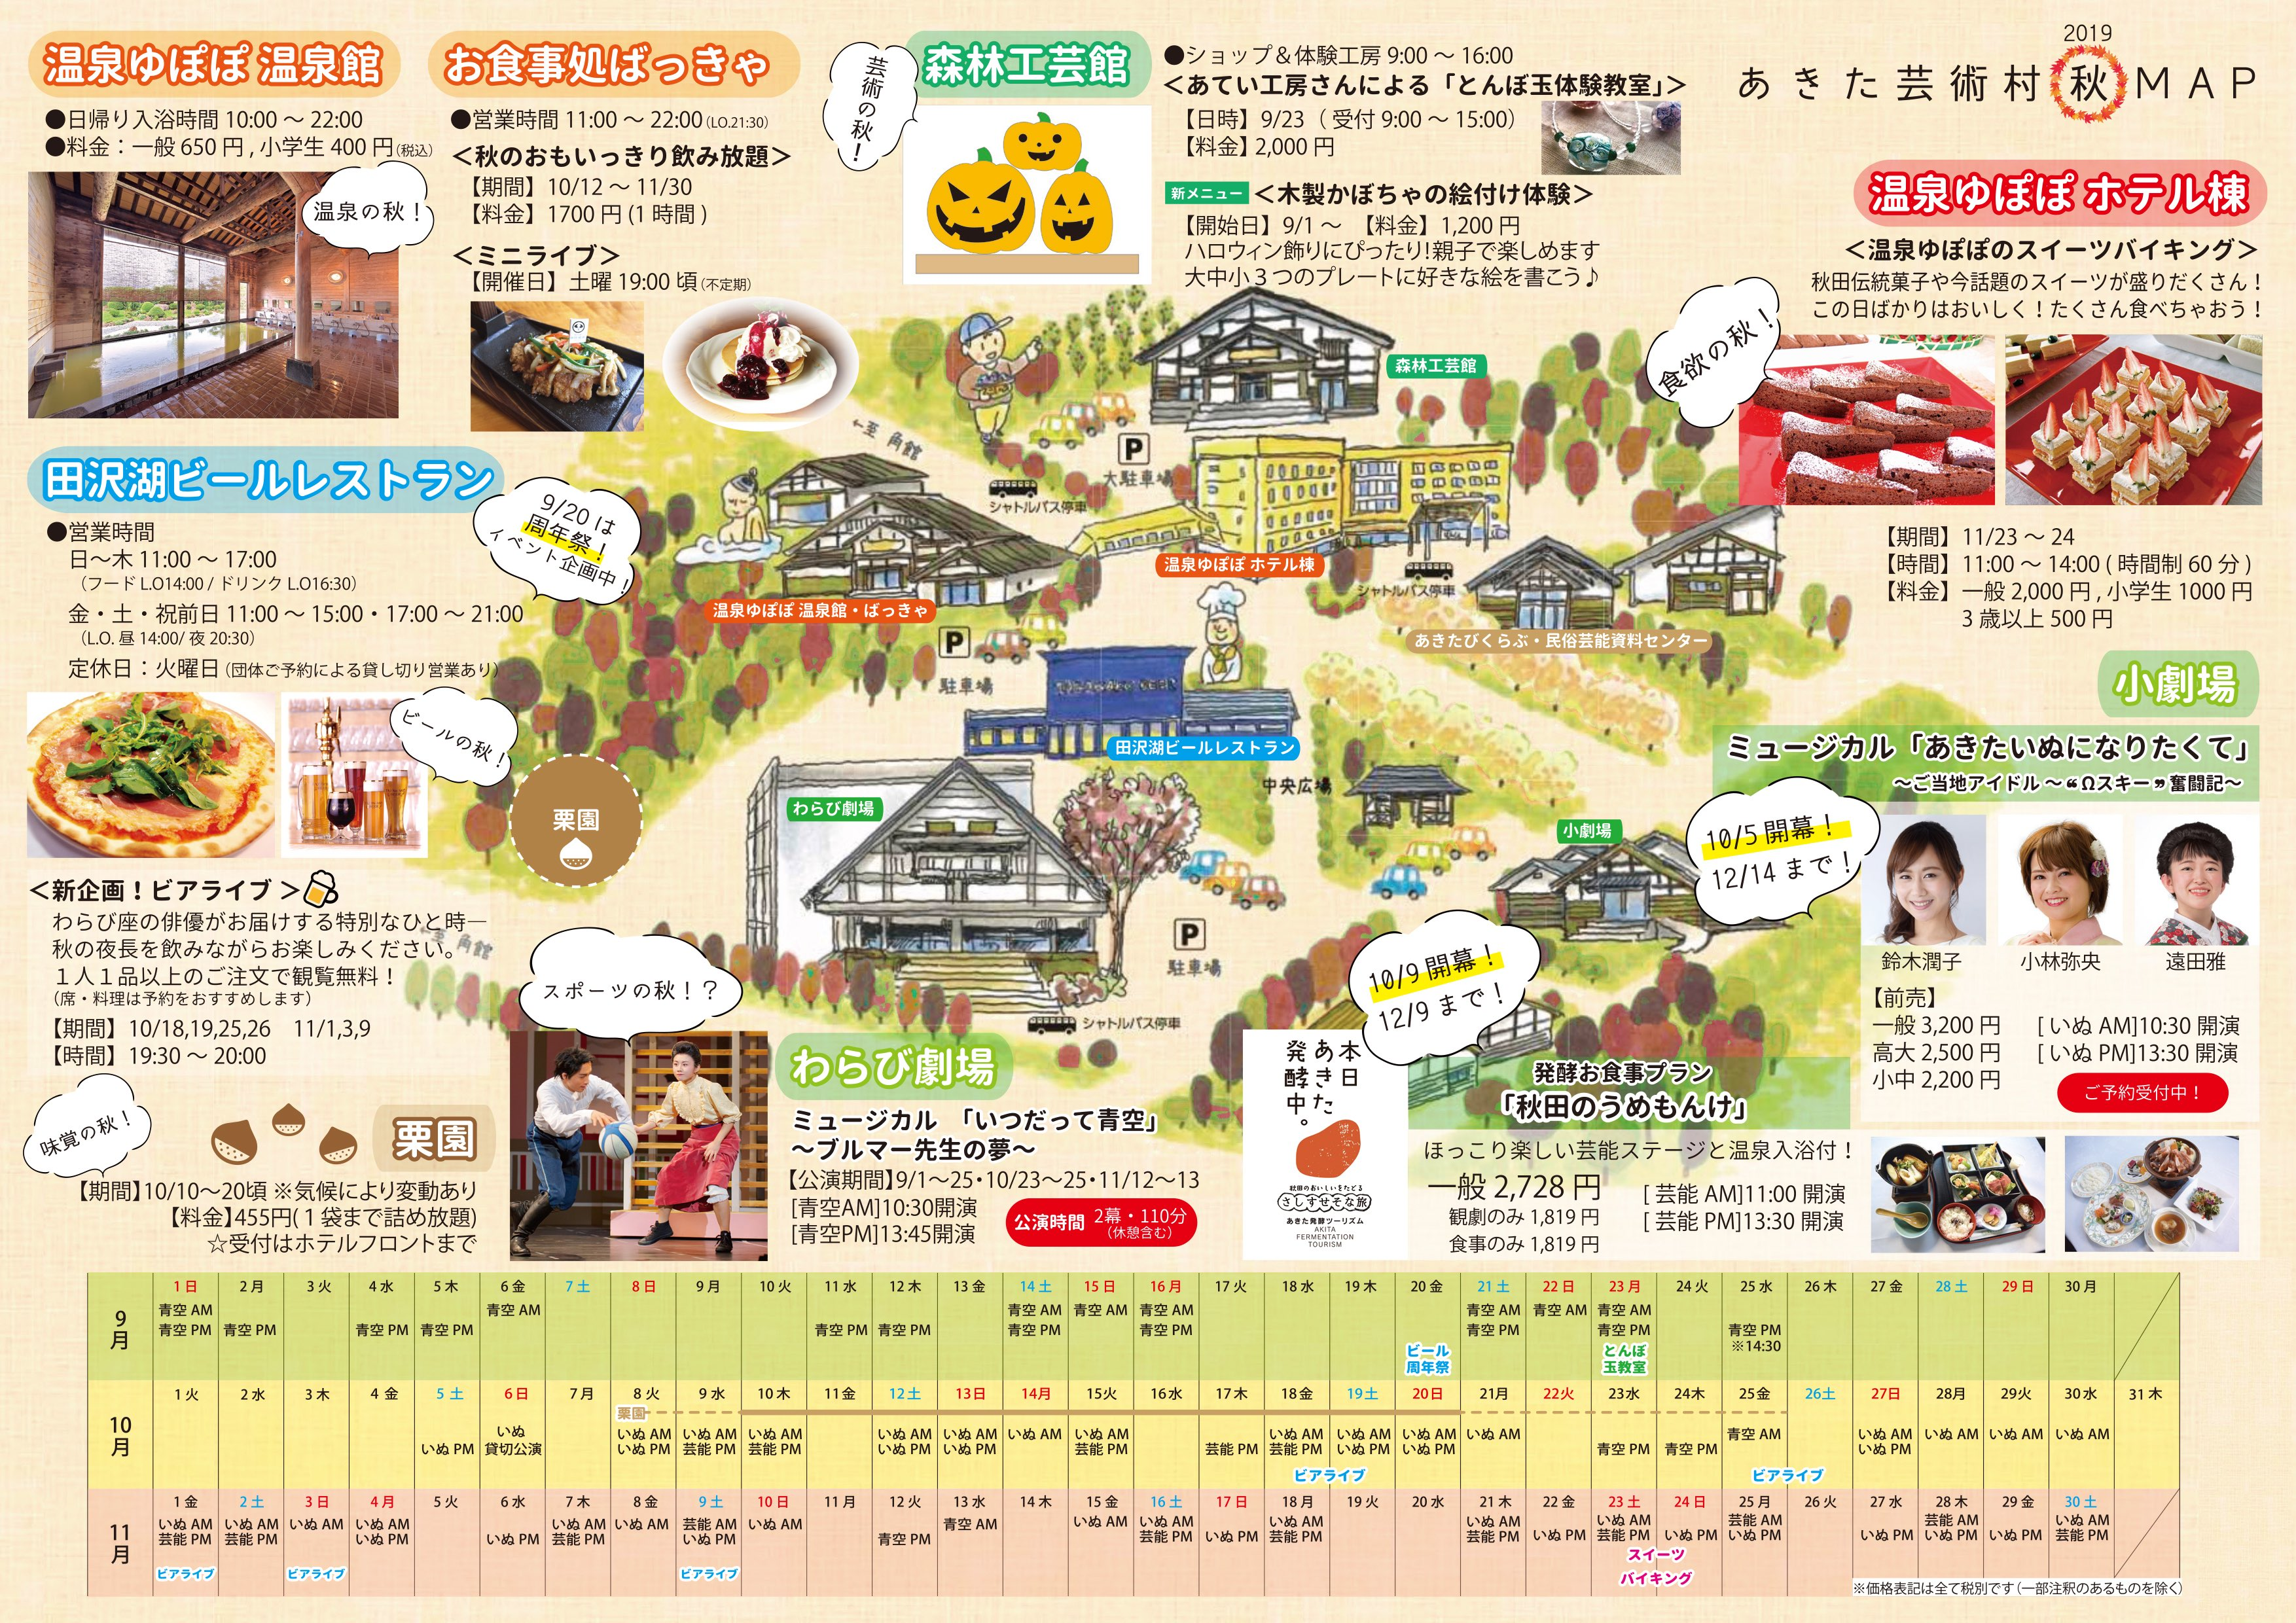 あきた芸術村の秋マップ